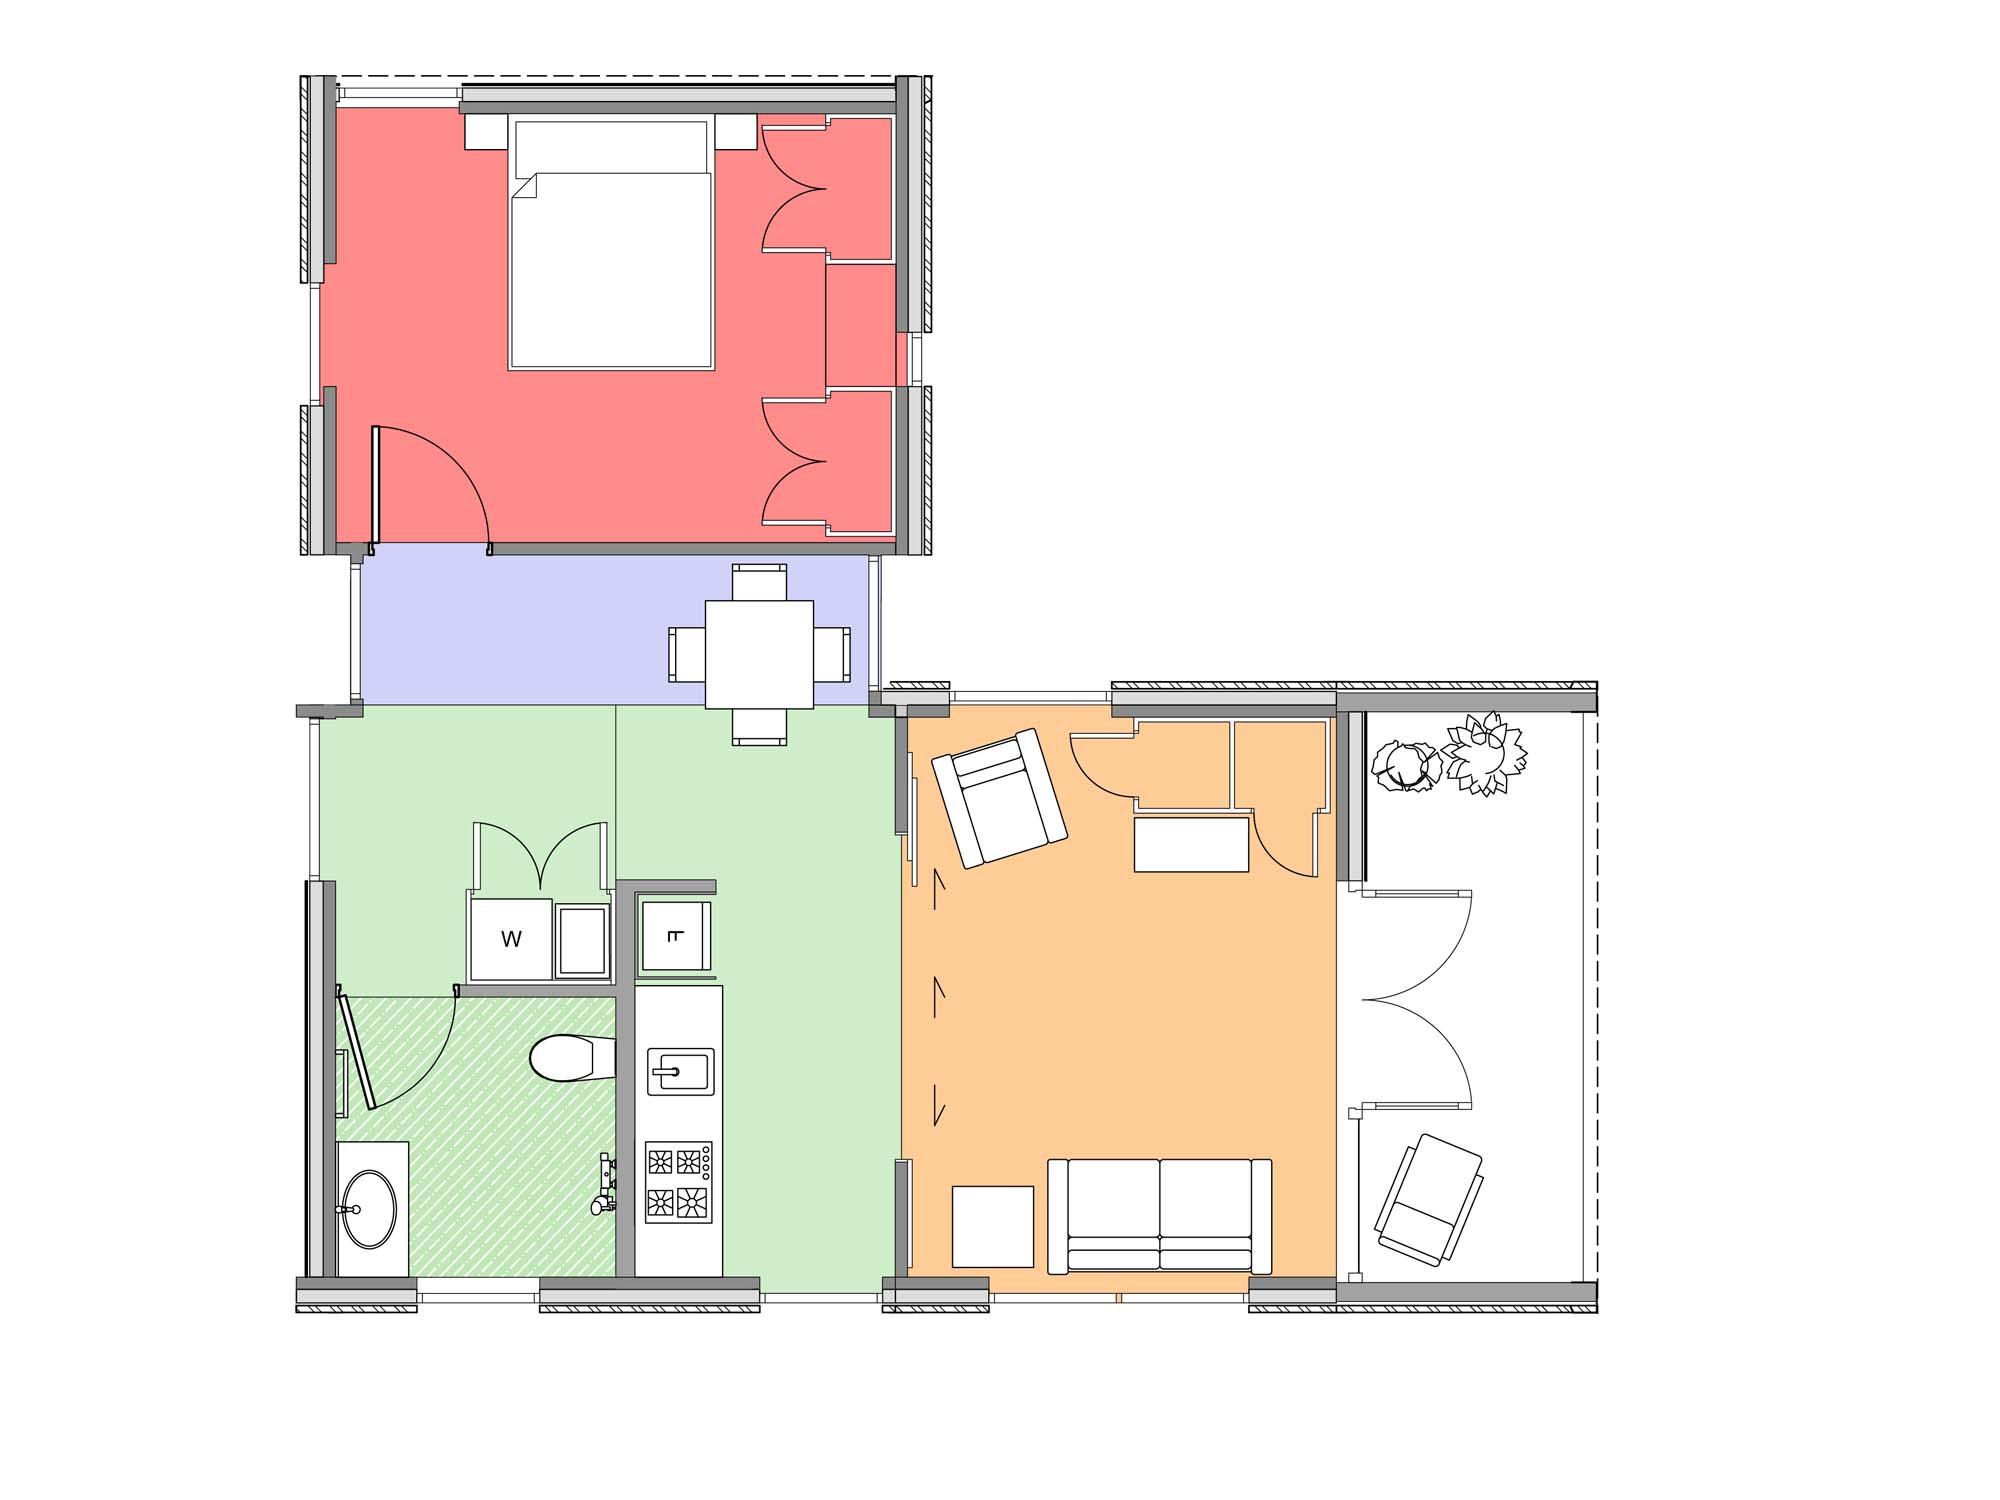 Plan of Te Whare-iti TWI 17M